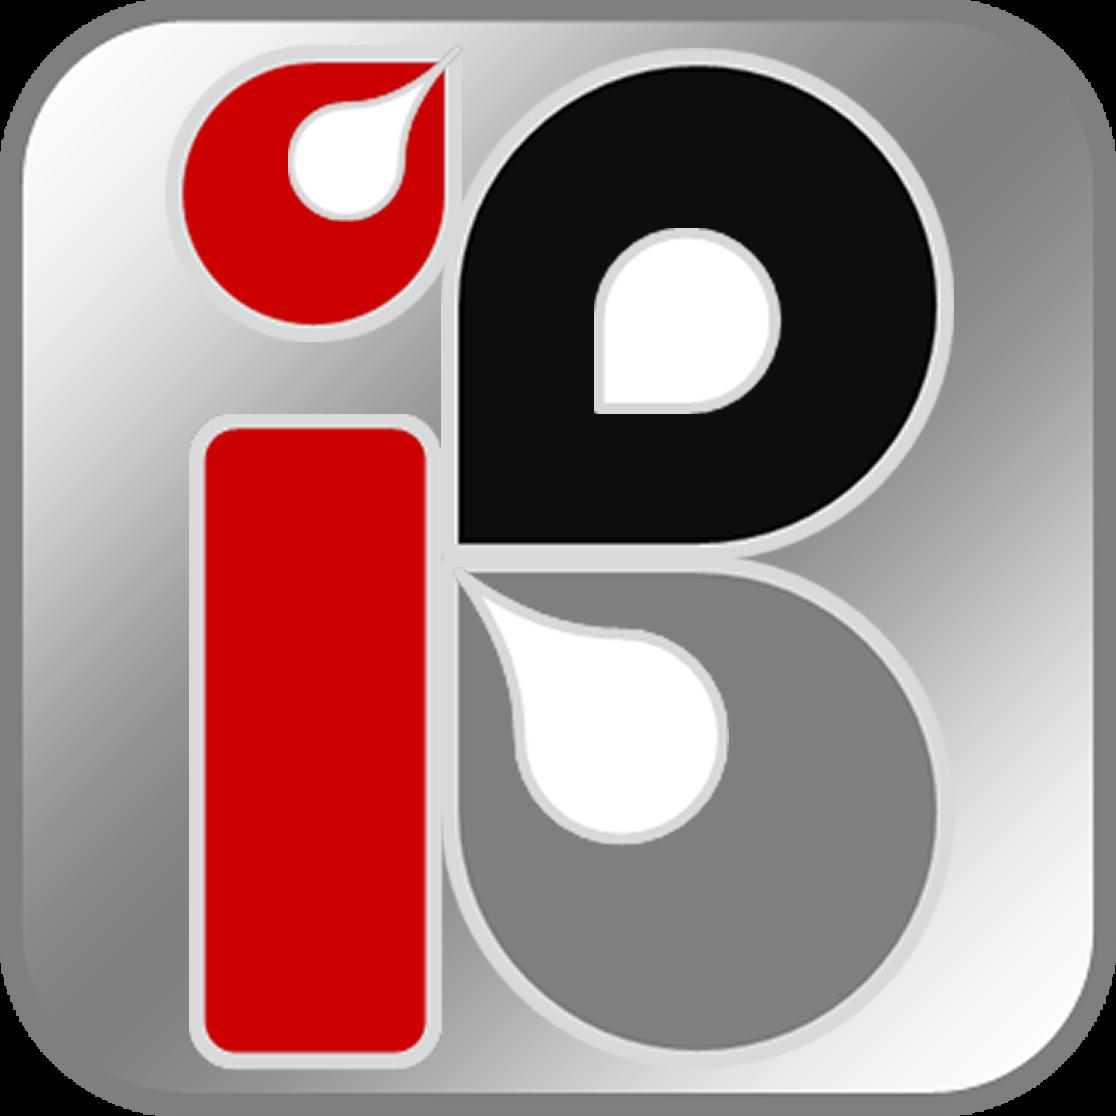 iBook Publishing, Inc.